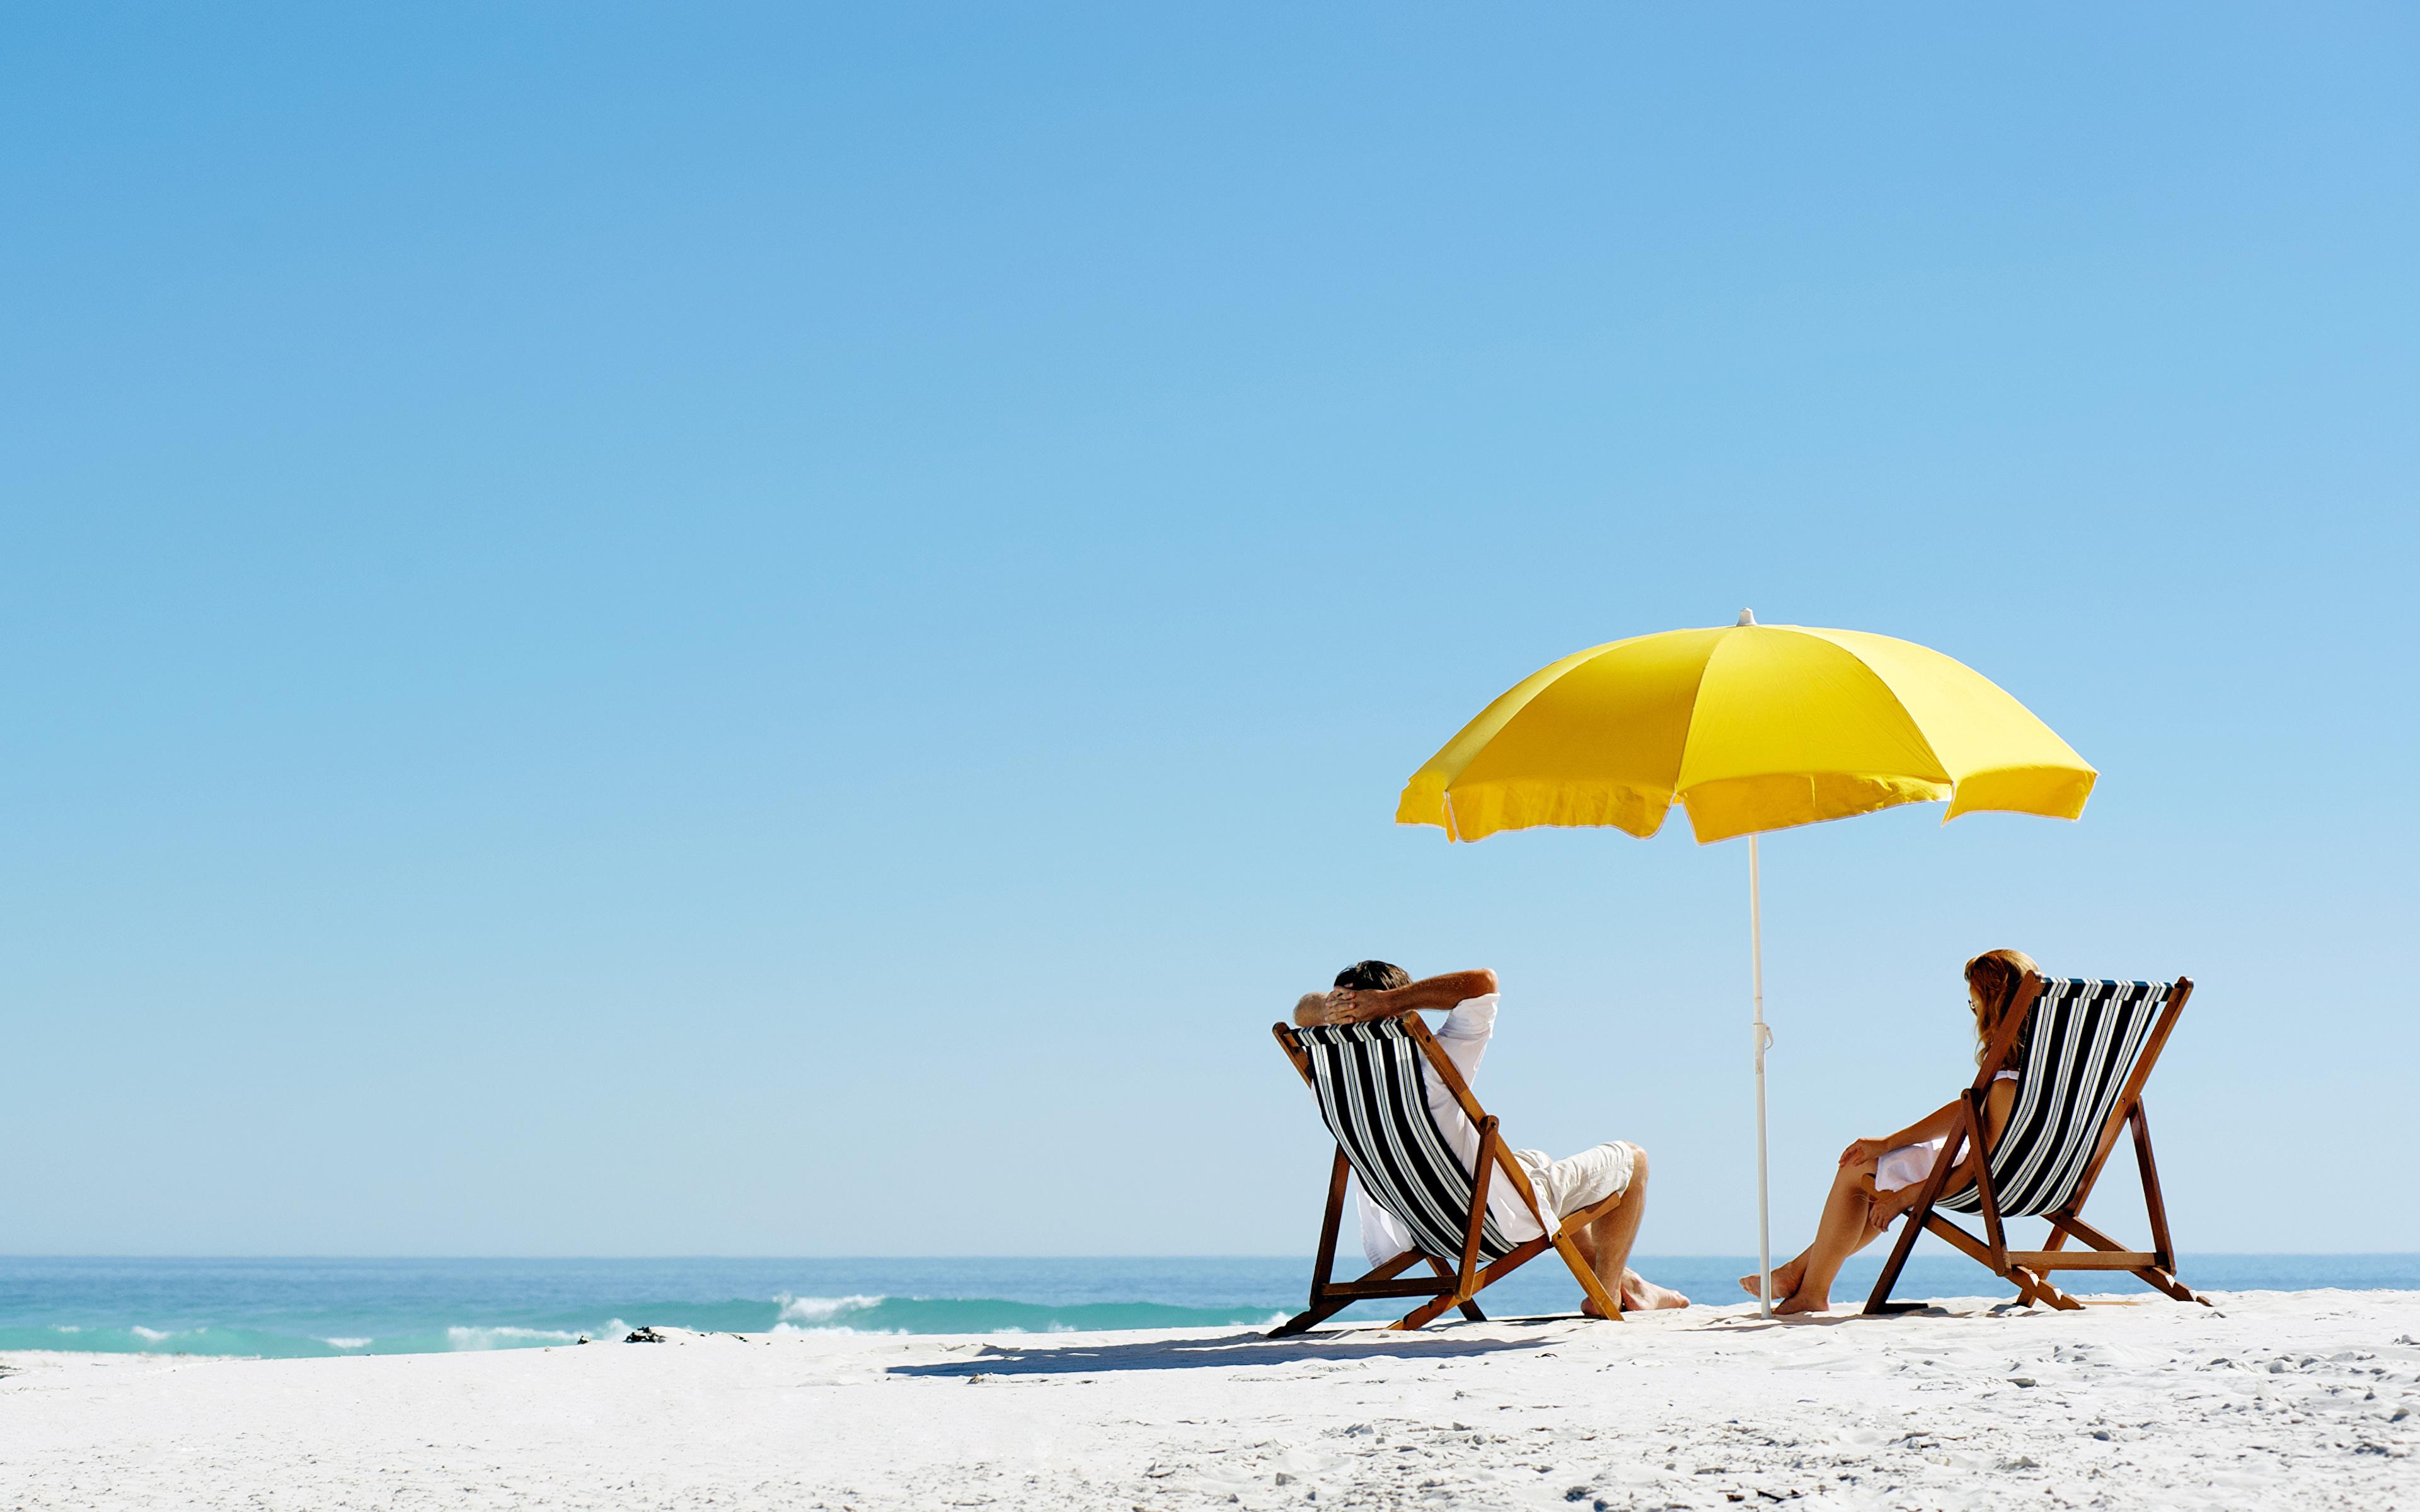 Пляж с желтыми зонтами  № 1497387 загрузить